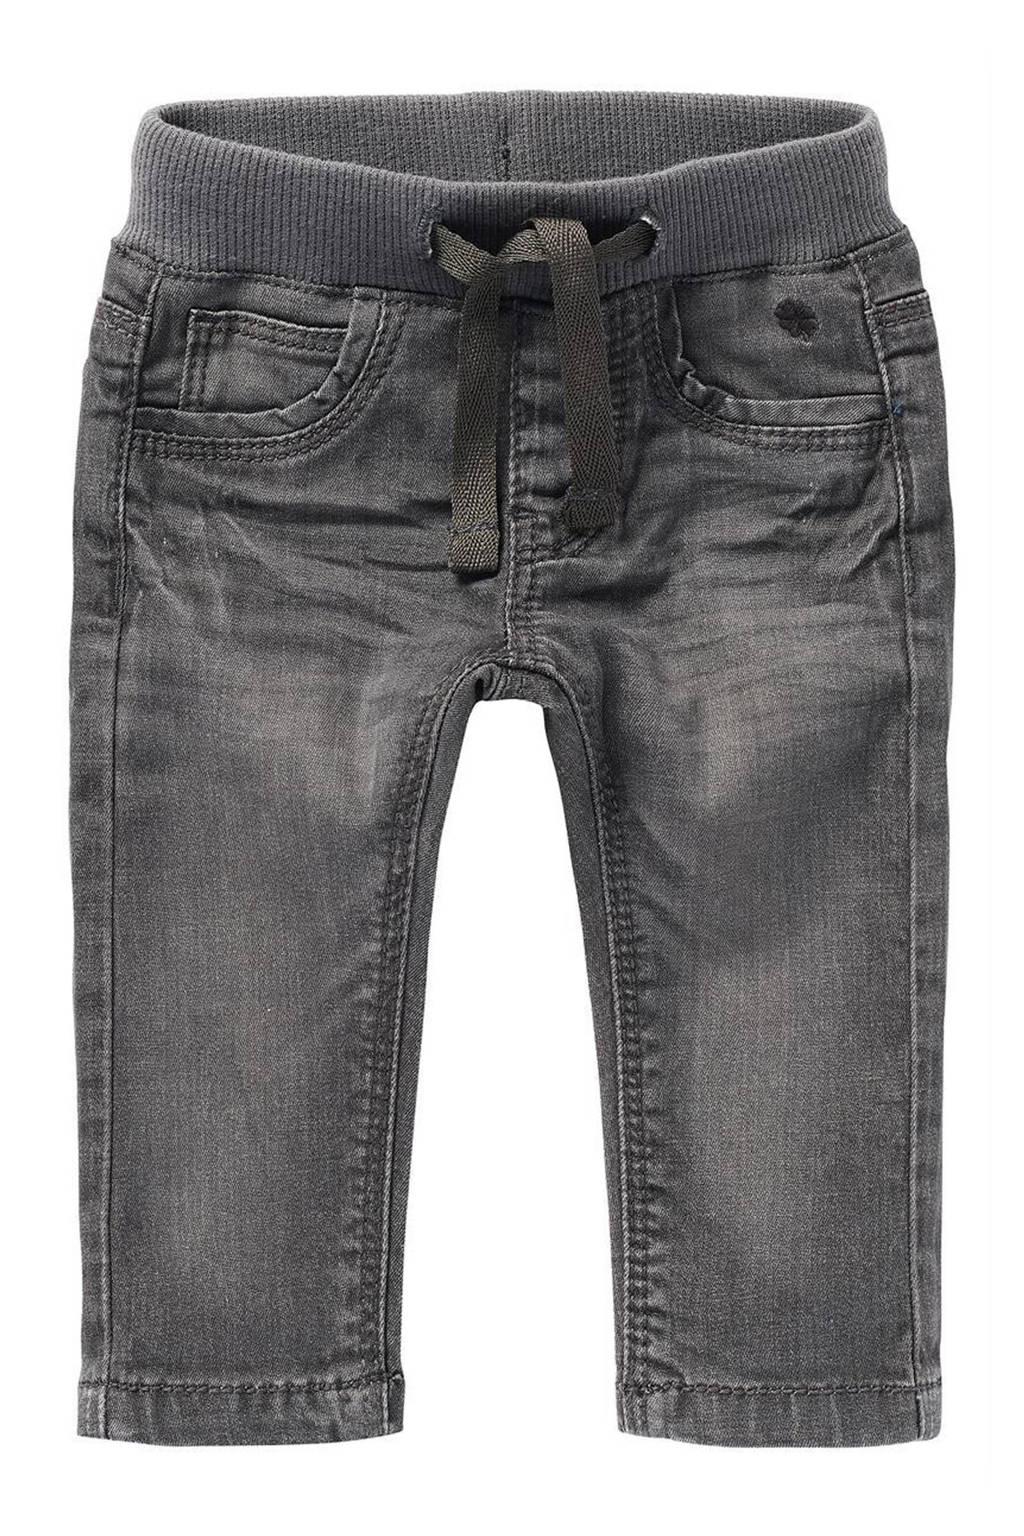 Noppies baby regular fit jeans Navoi grijs stonewashed, Grijs stonewashed